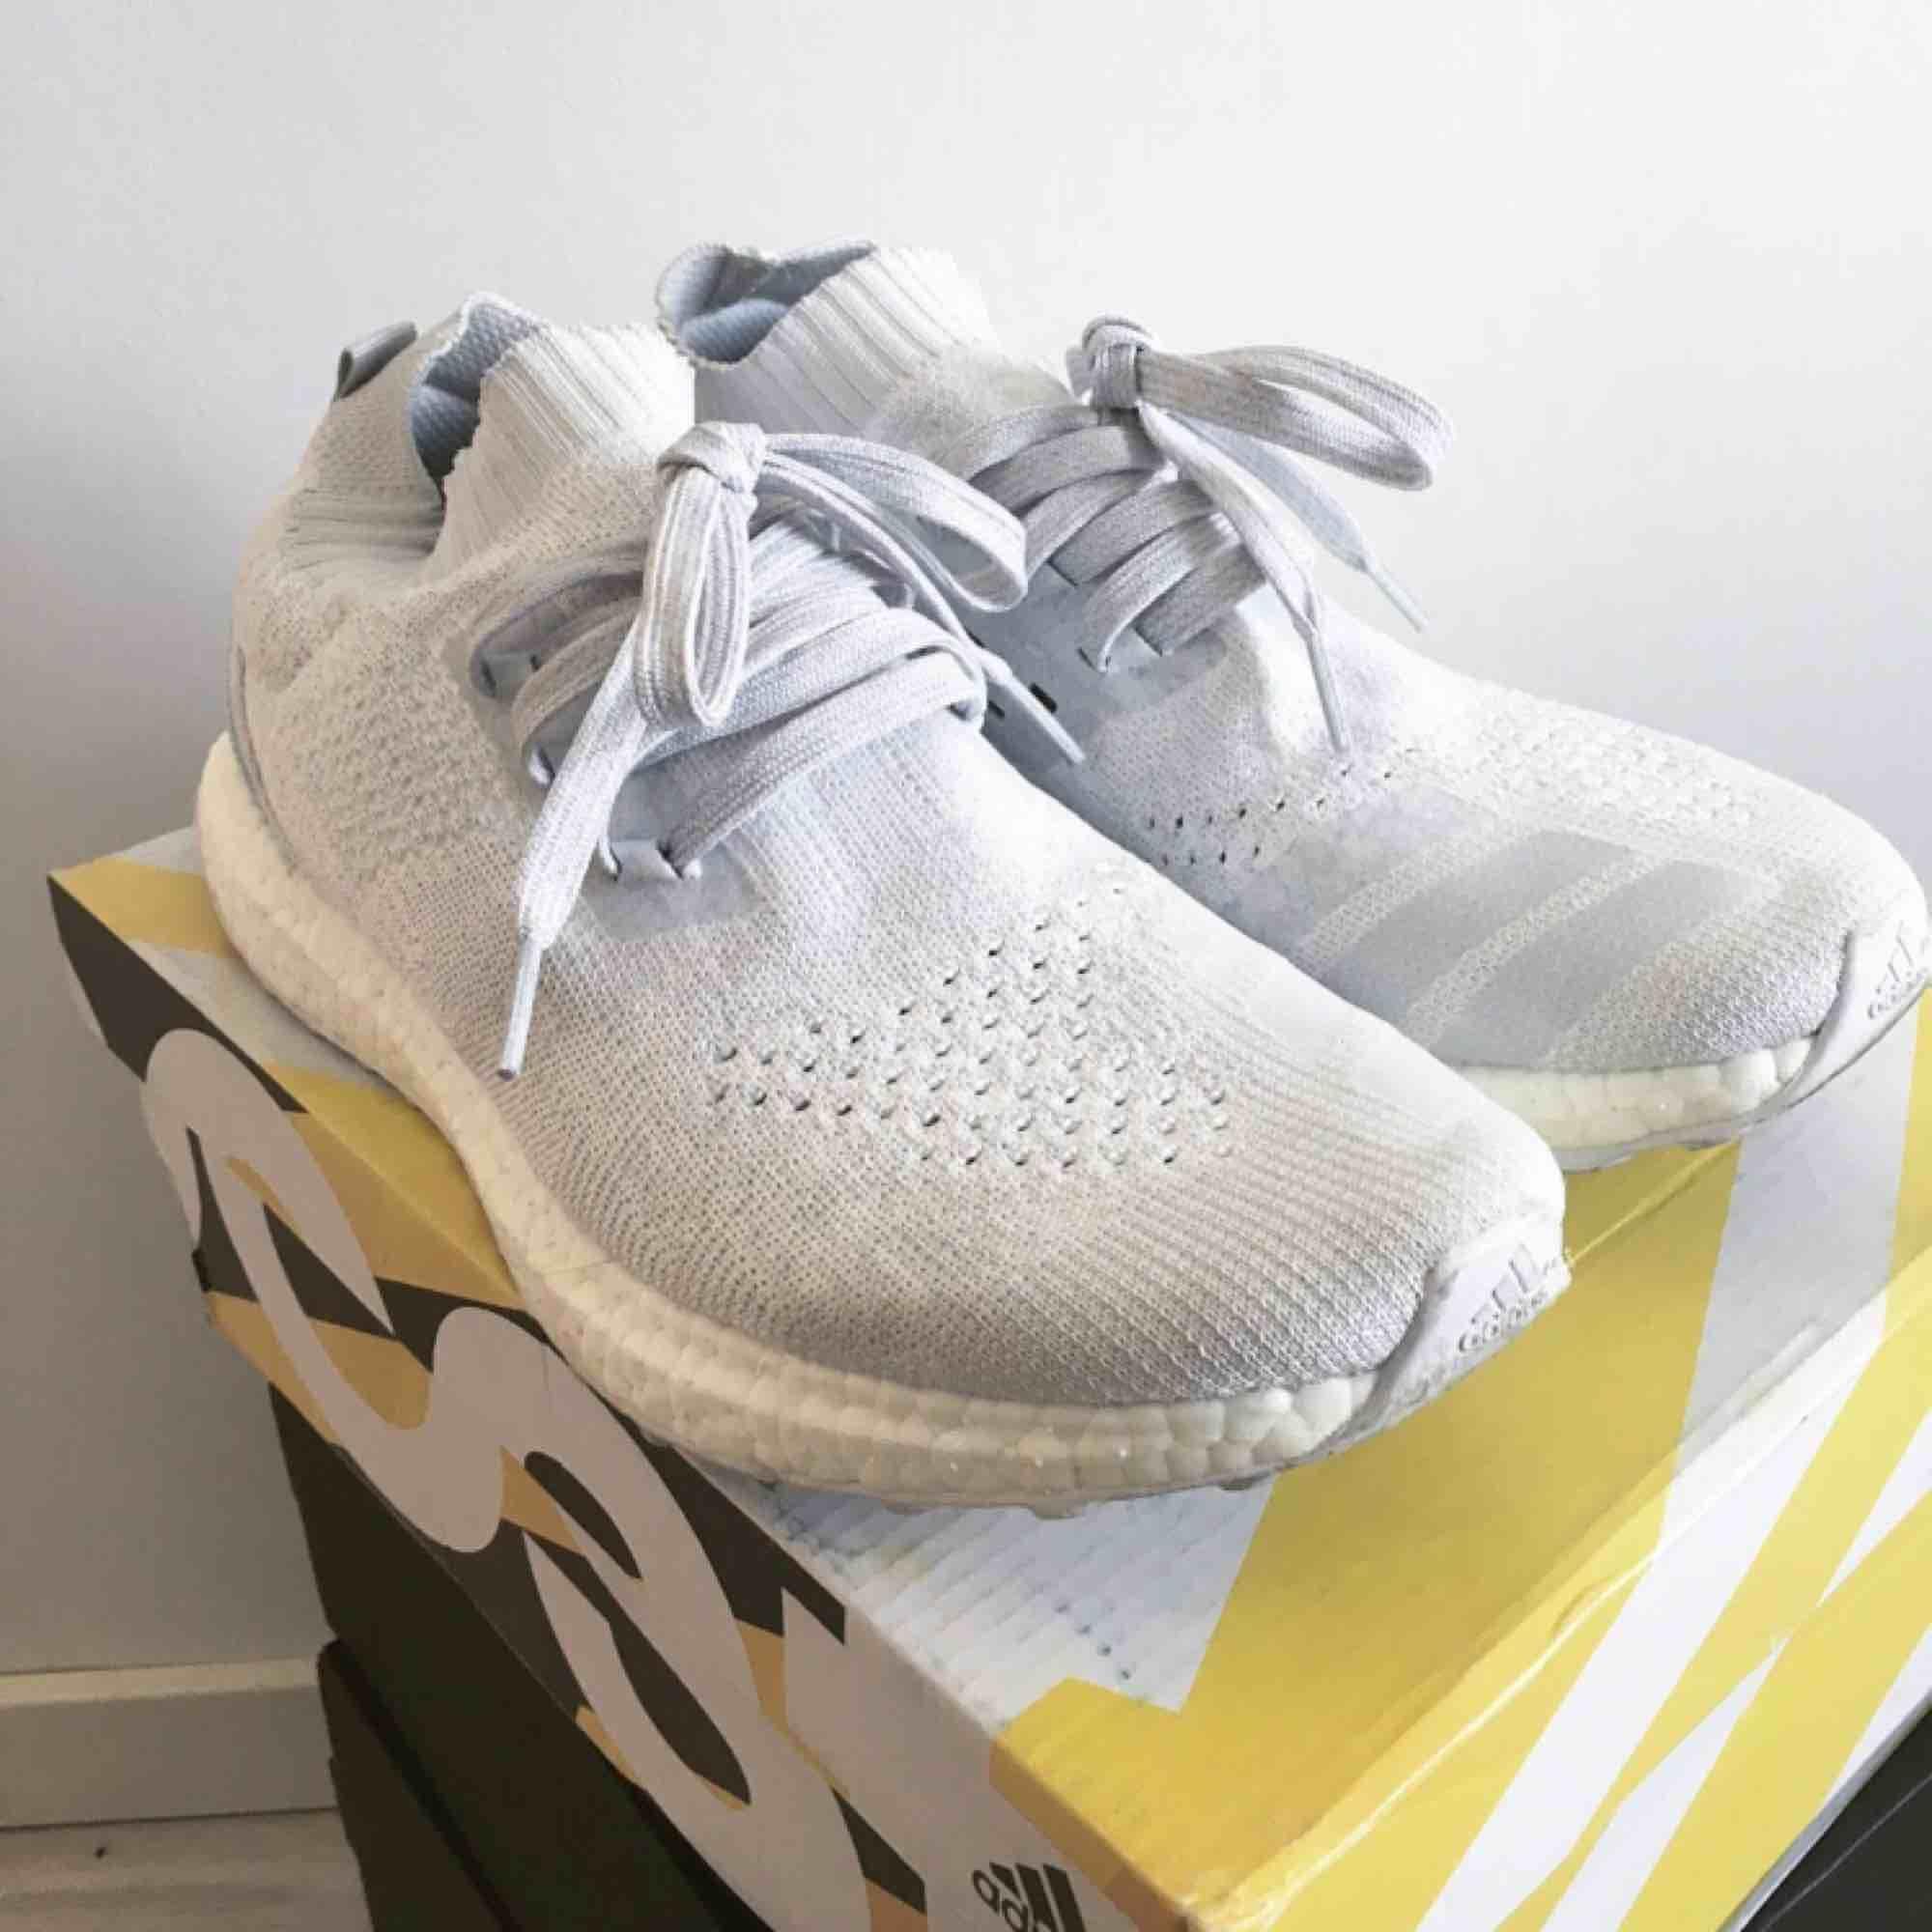 Adidas Ultraboost parley. Använda men i bra skick. Skickas spårbart mot frakt eller hämtas. Är inte omöjlig om priset. Skor.